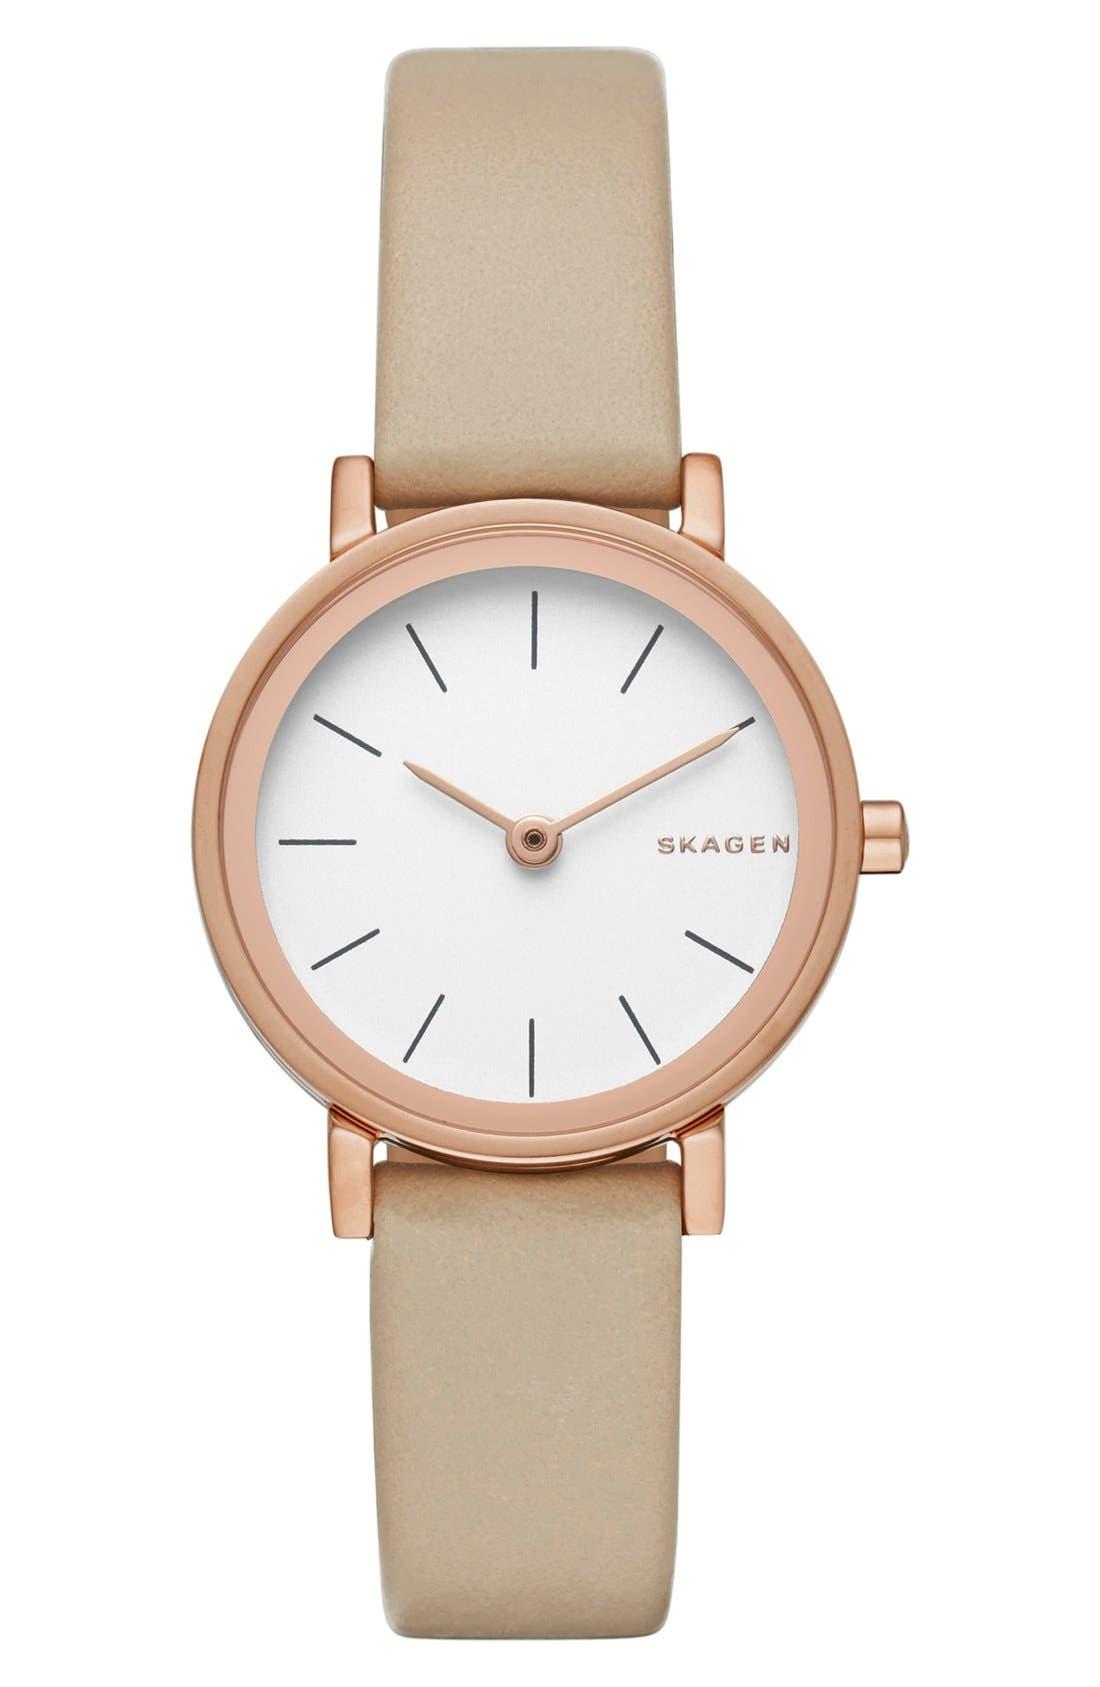 Main Image - Skagen 'Hald' Leather Strap Watch, 26mm